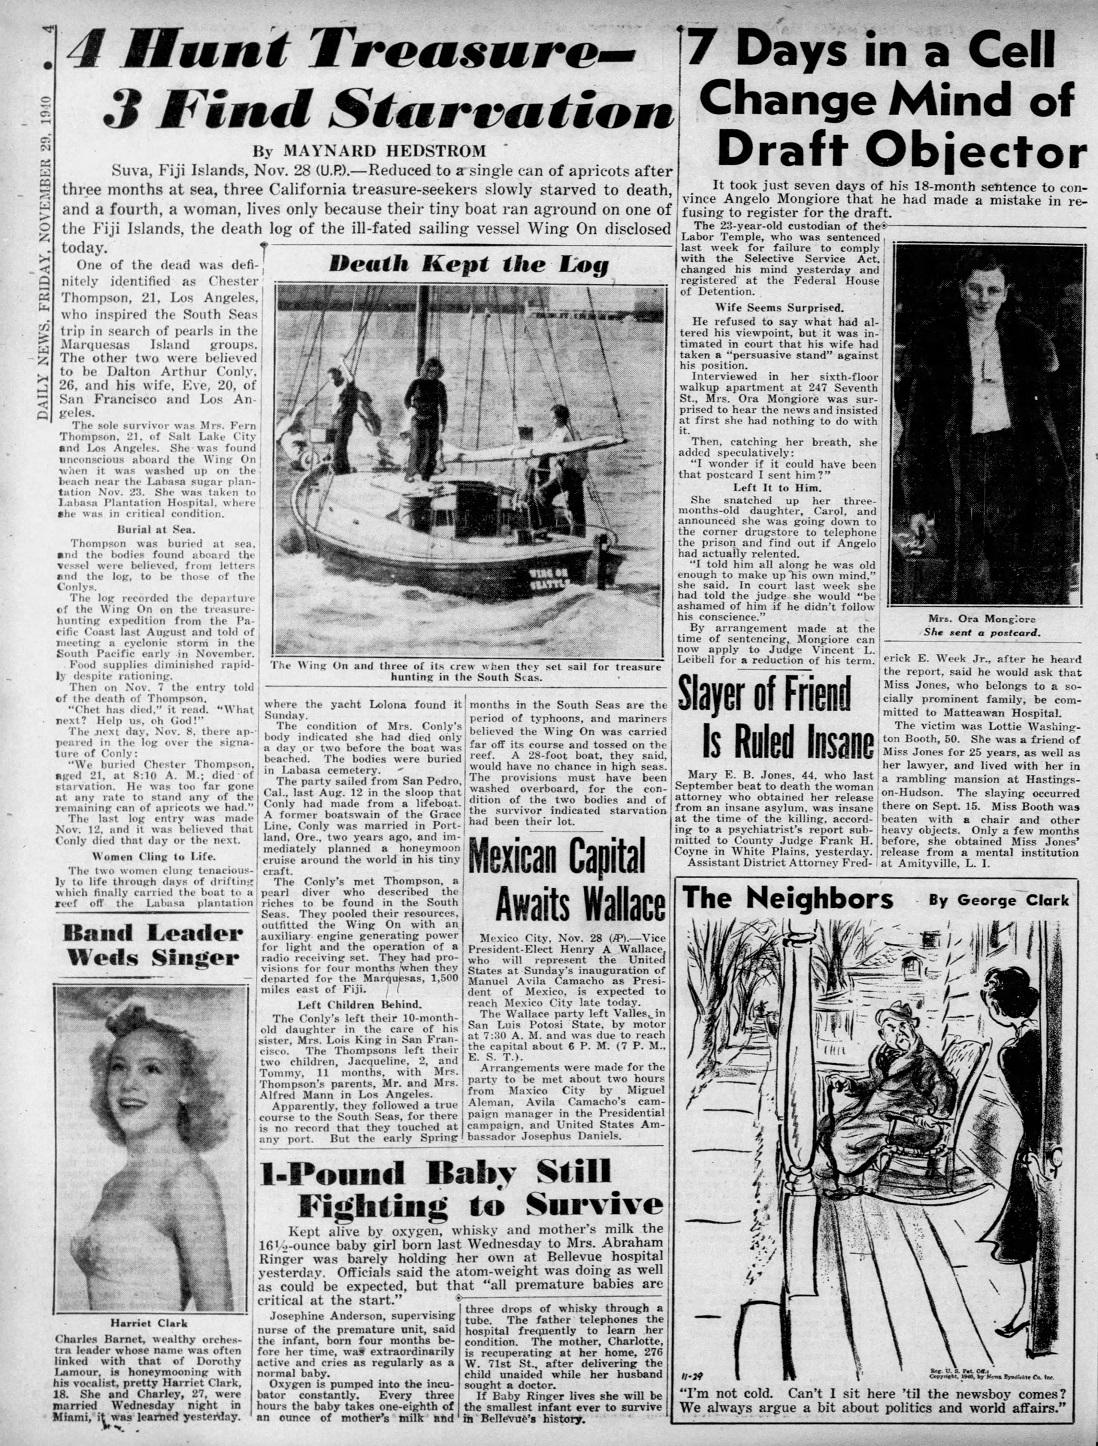 Daily_News_Fri__Nov_29__1940_.jpg